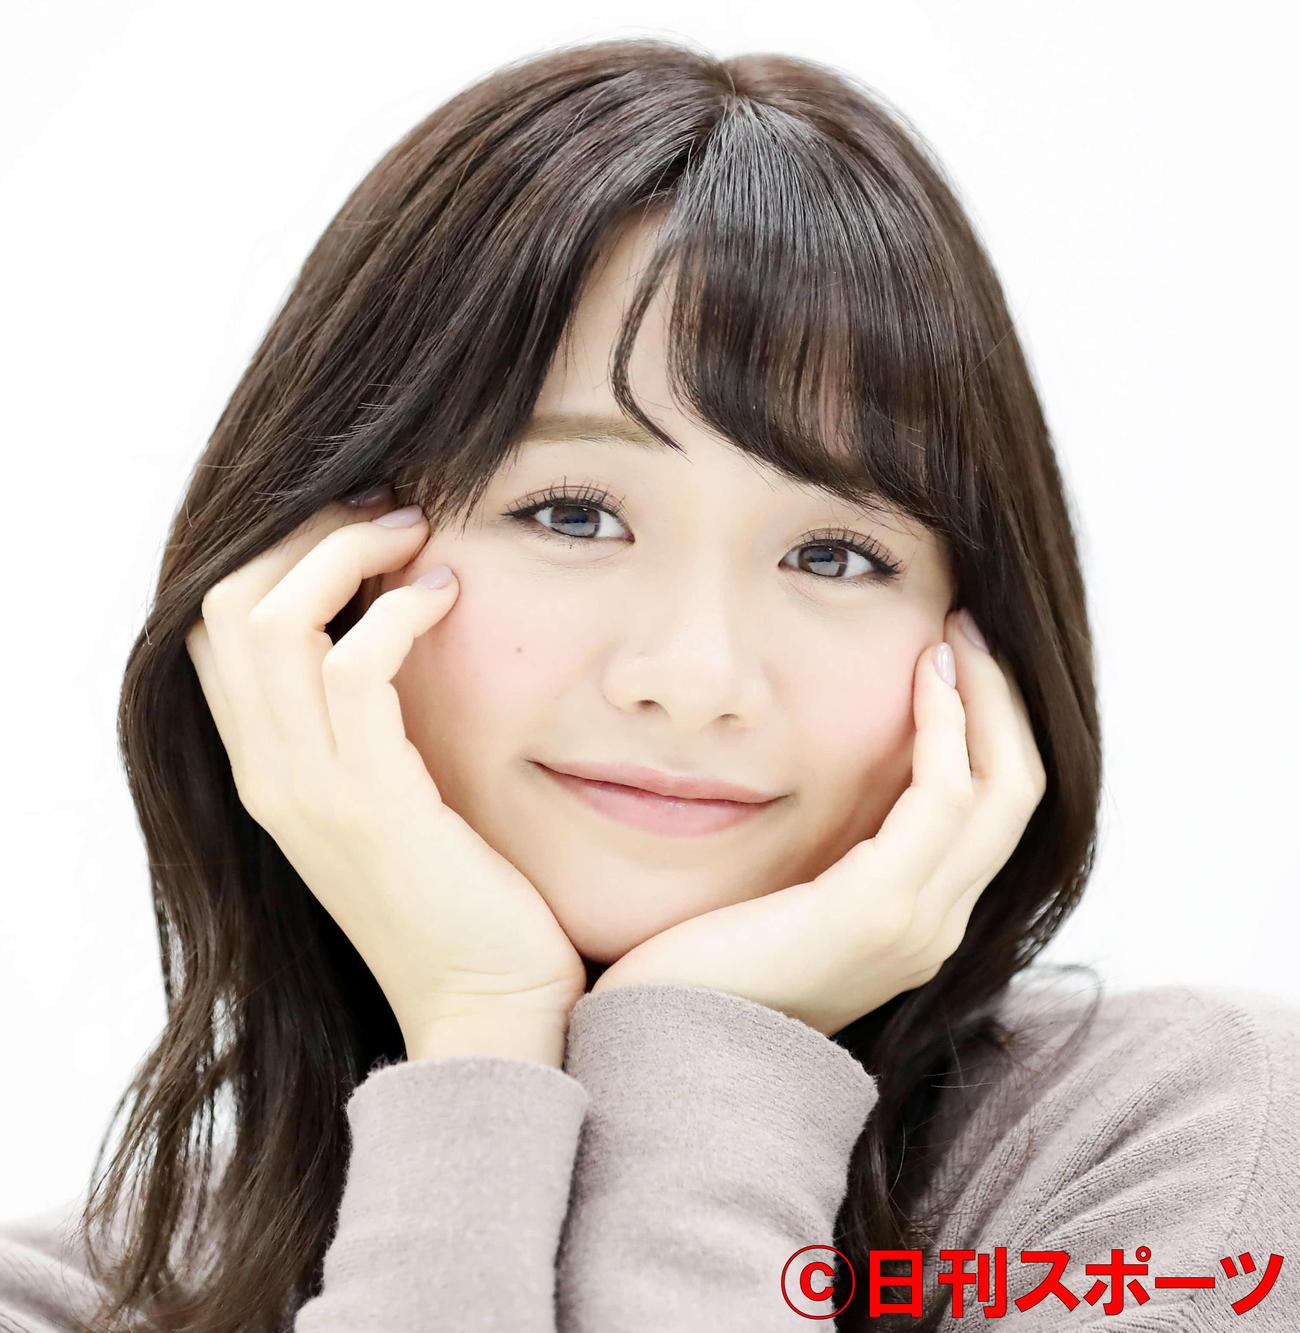 インタビュー中、カワイイ笑顔を見せるテレビ東京の森香澄アナウンサー(撮影・浅見桂子)